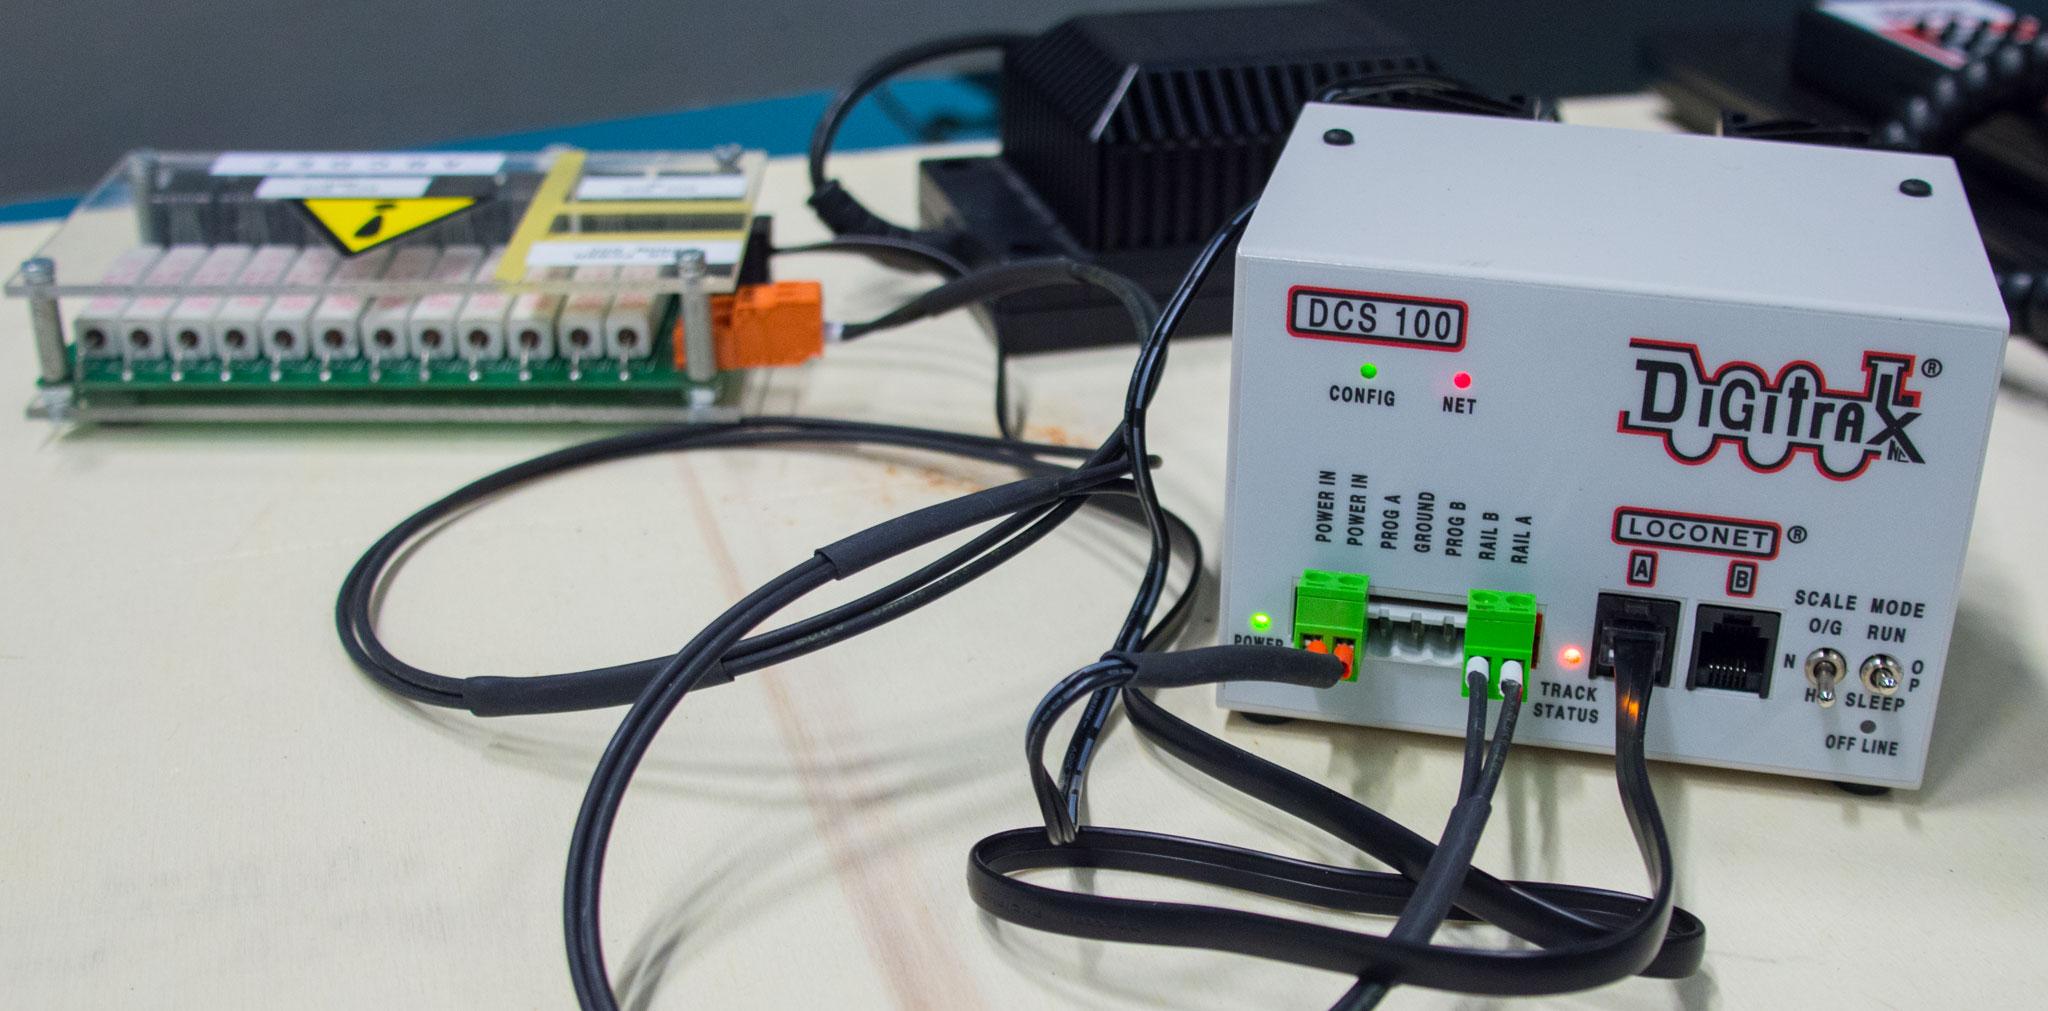 Hjertet i træffet er en Digitrax DCS 100, der sender input fra kørekontrollerne gennem fordeleren i baggrunden ud til boosterne, der sender det videre gennem skinnerne ud til lokomotiverne